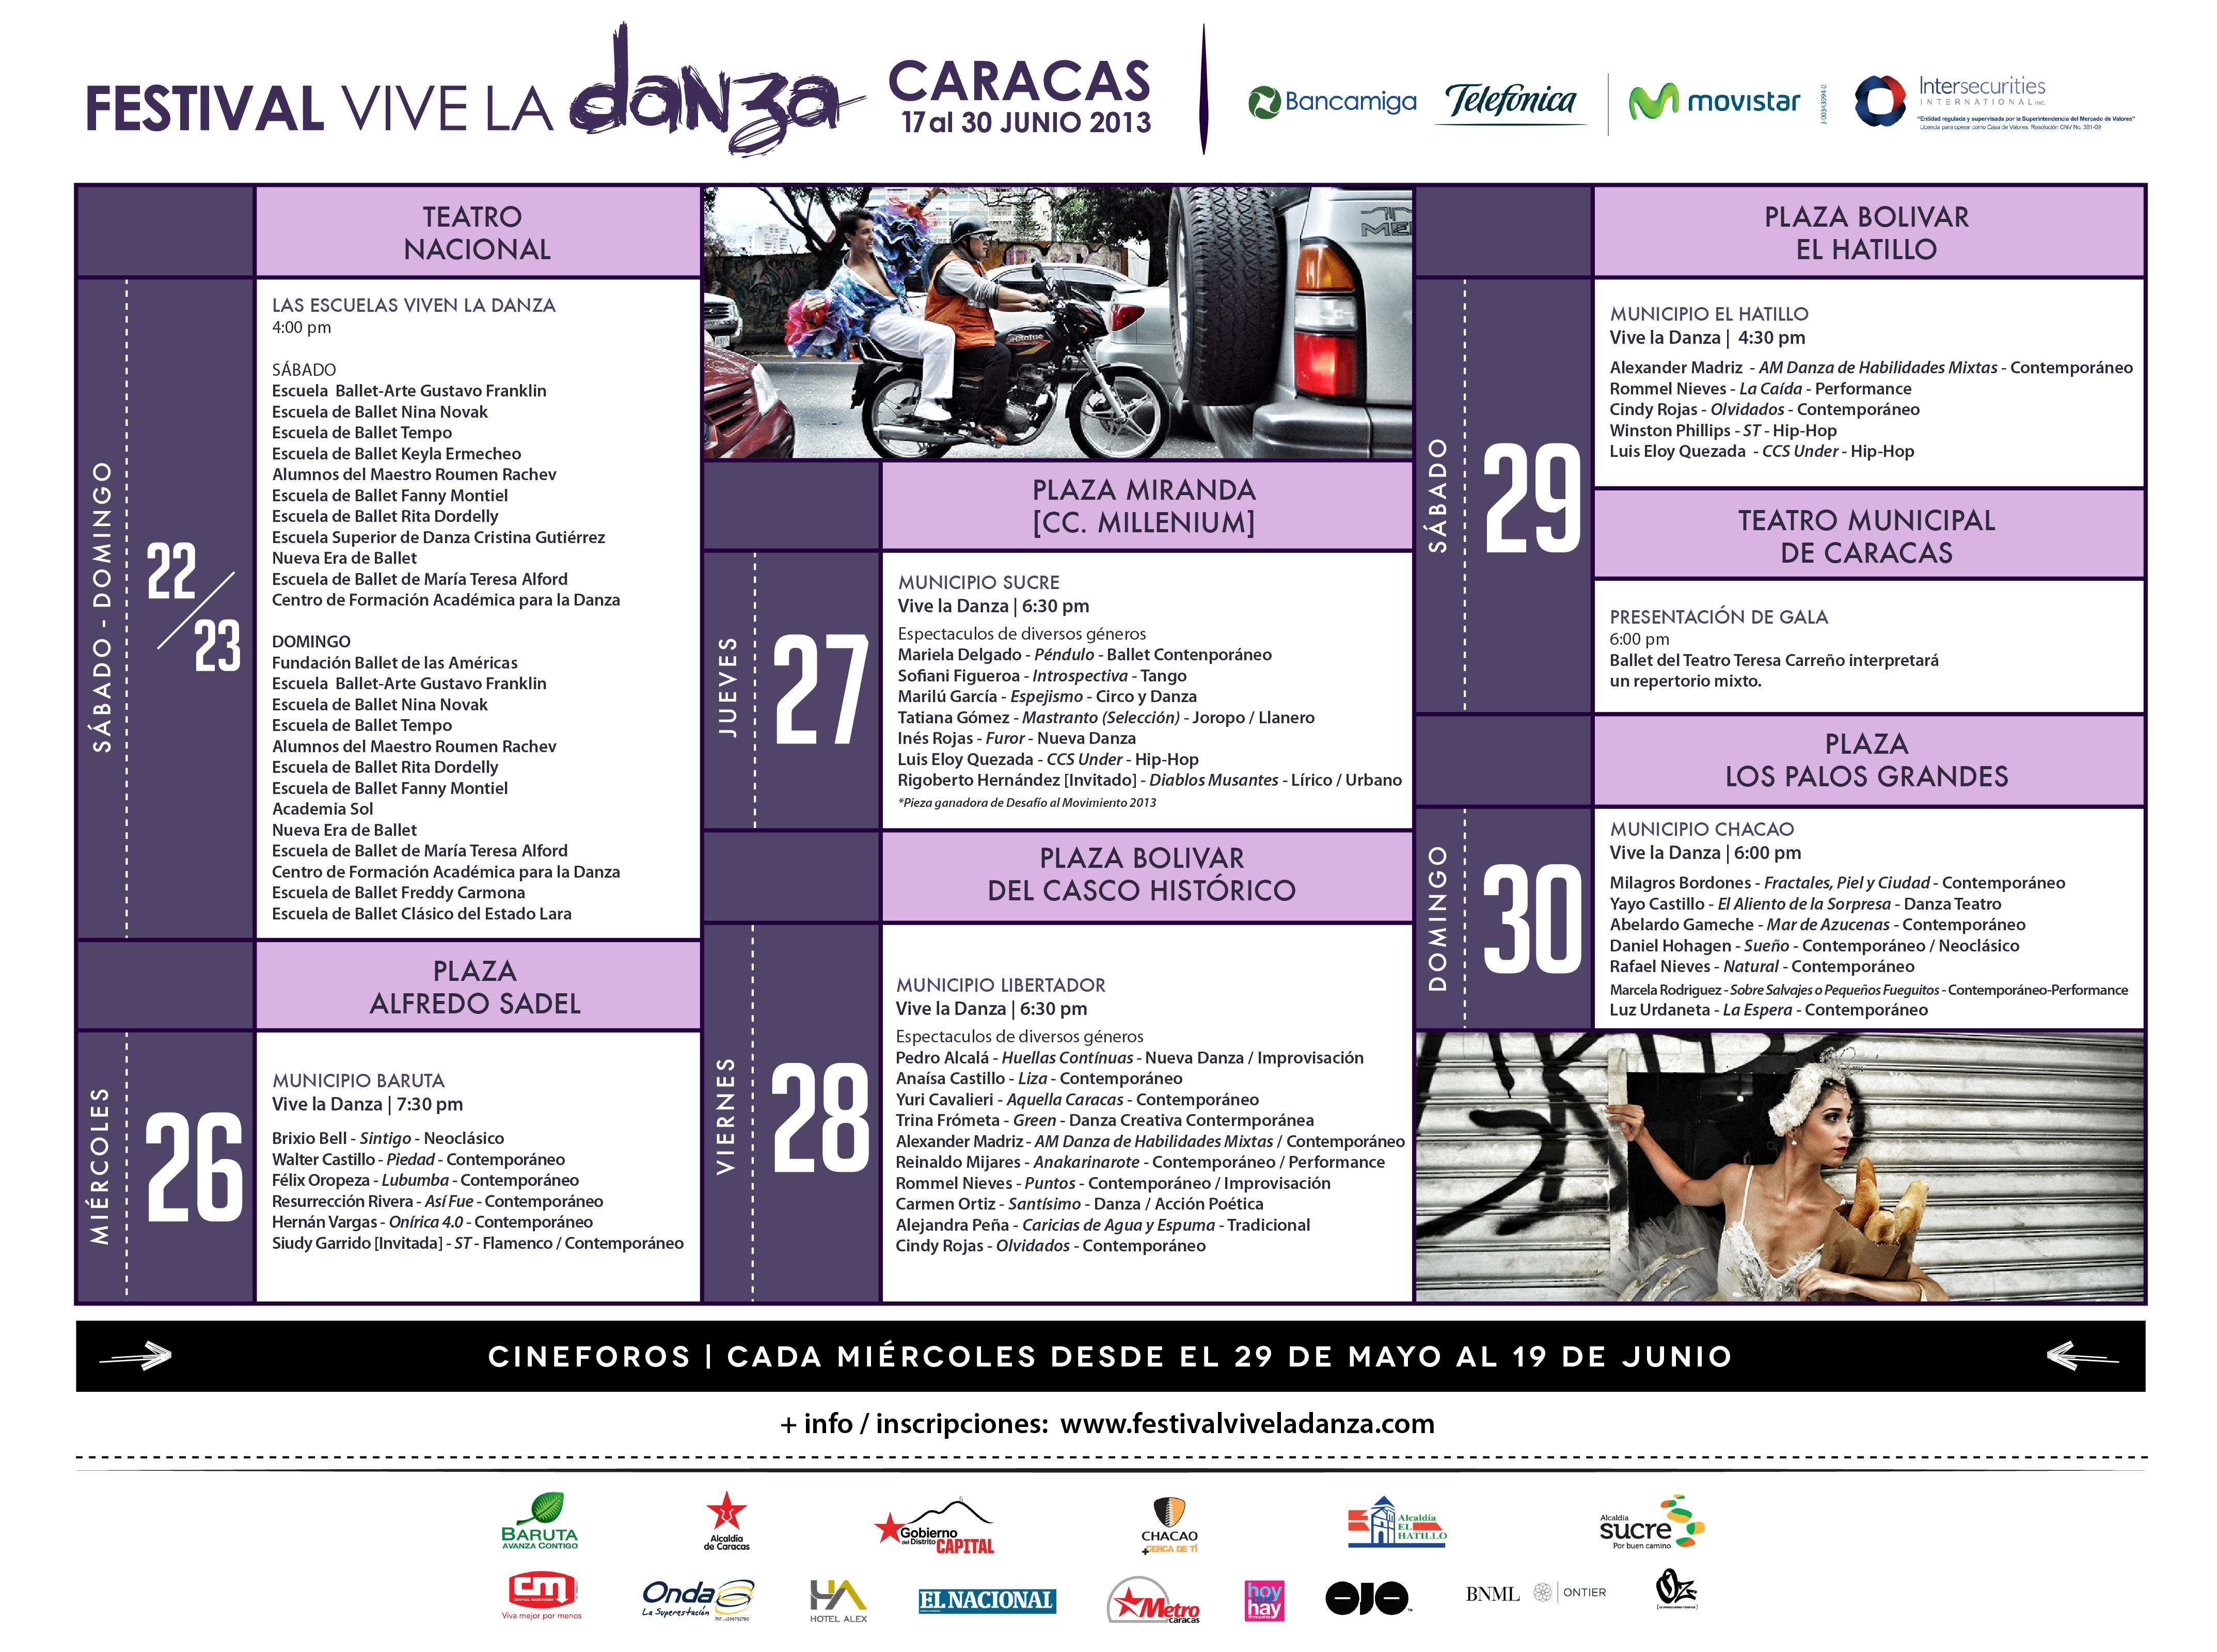 Grilla Festival Vive la Danza 2013Grilla Festival Vive la Danza 2013